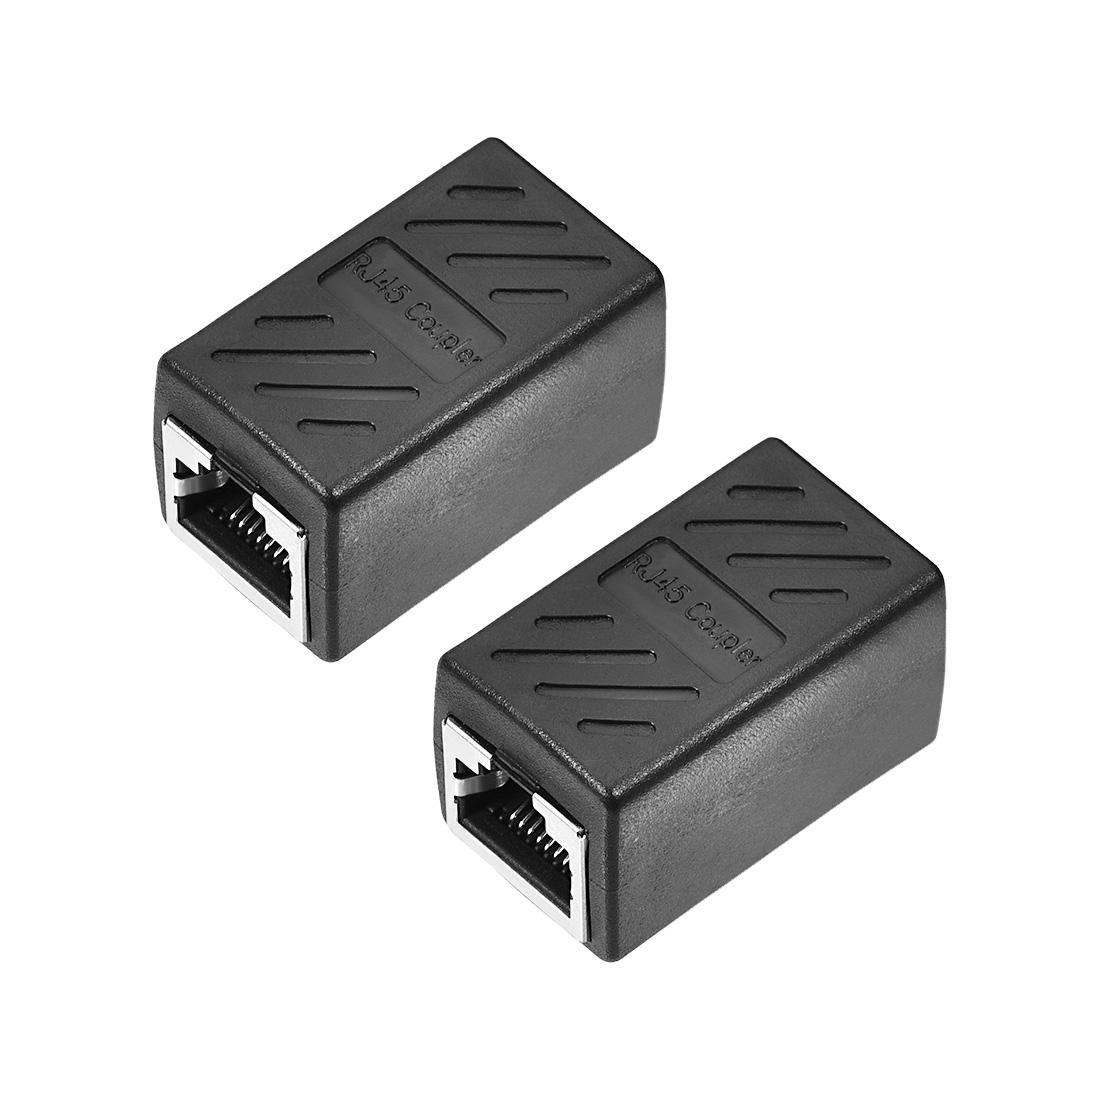 RJ45 Coupler Inline Connector Cat7 Cat6 Cat5e Ethernet Extender 36x43x20mm 2Pcs